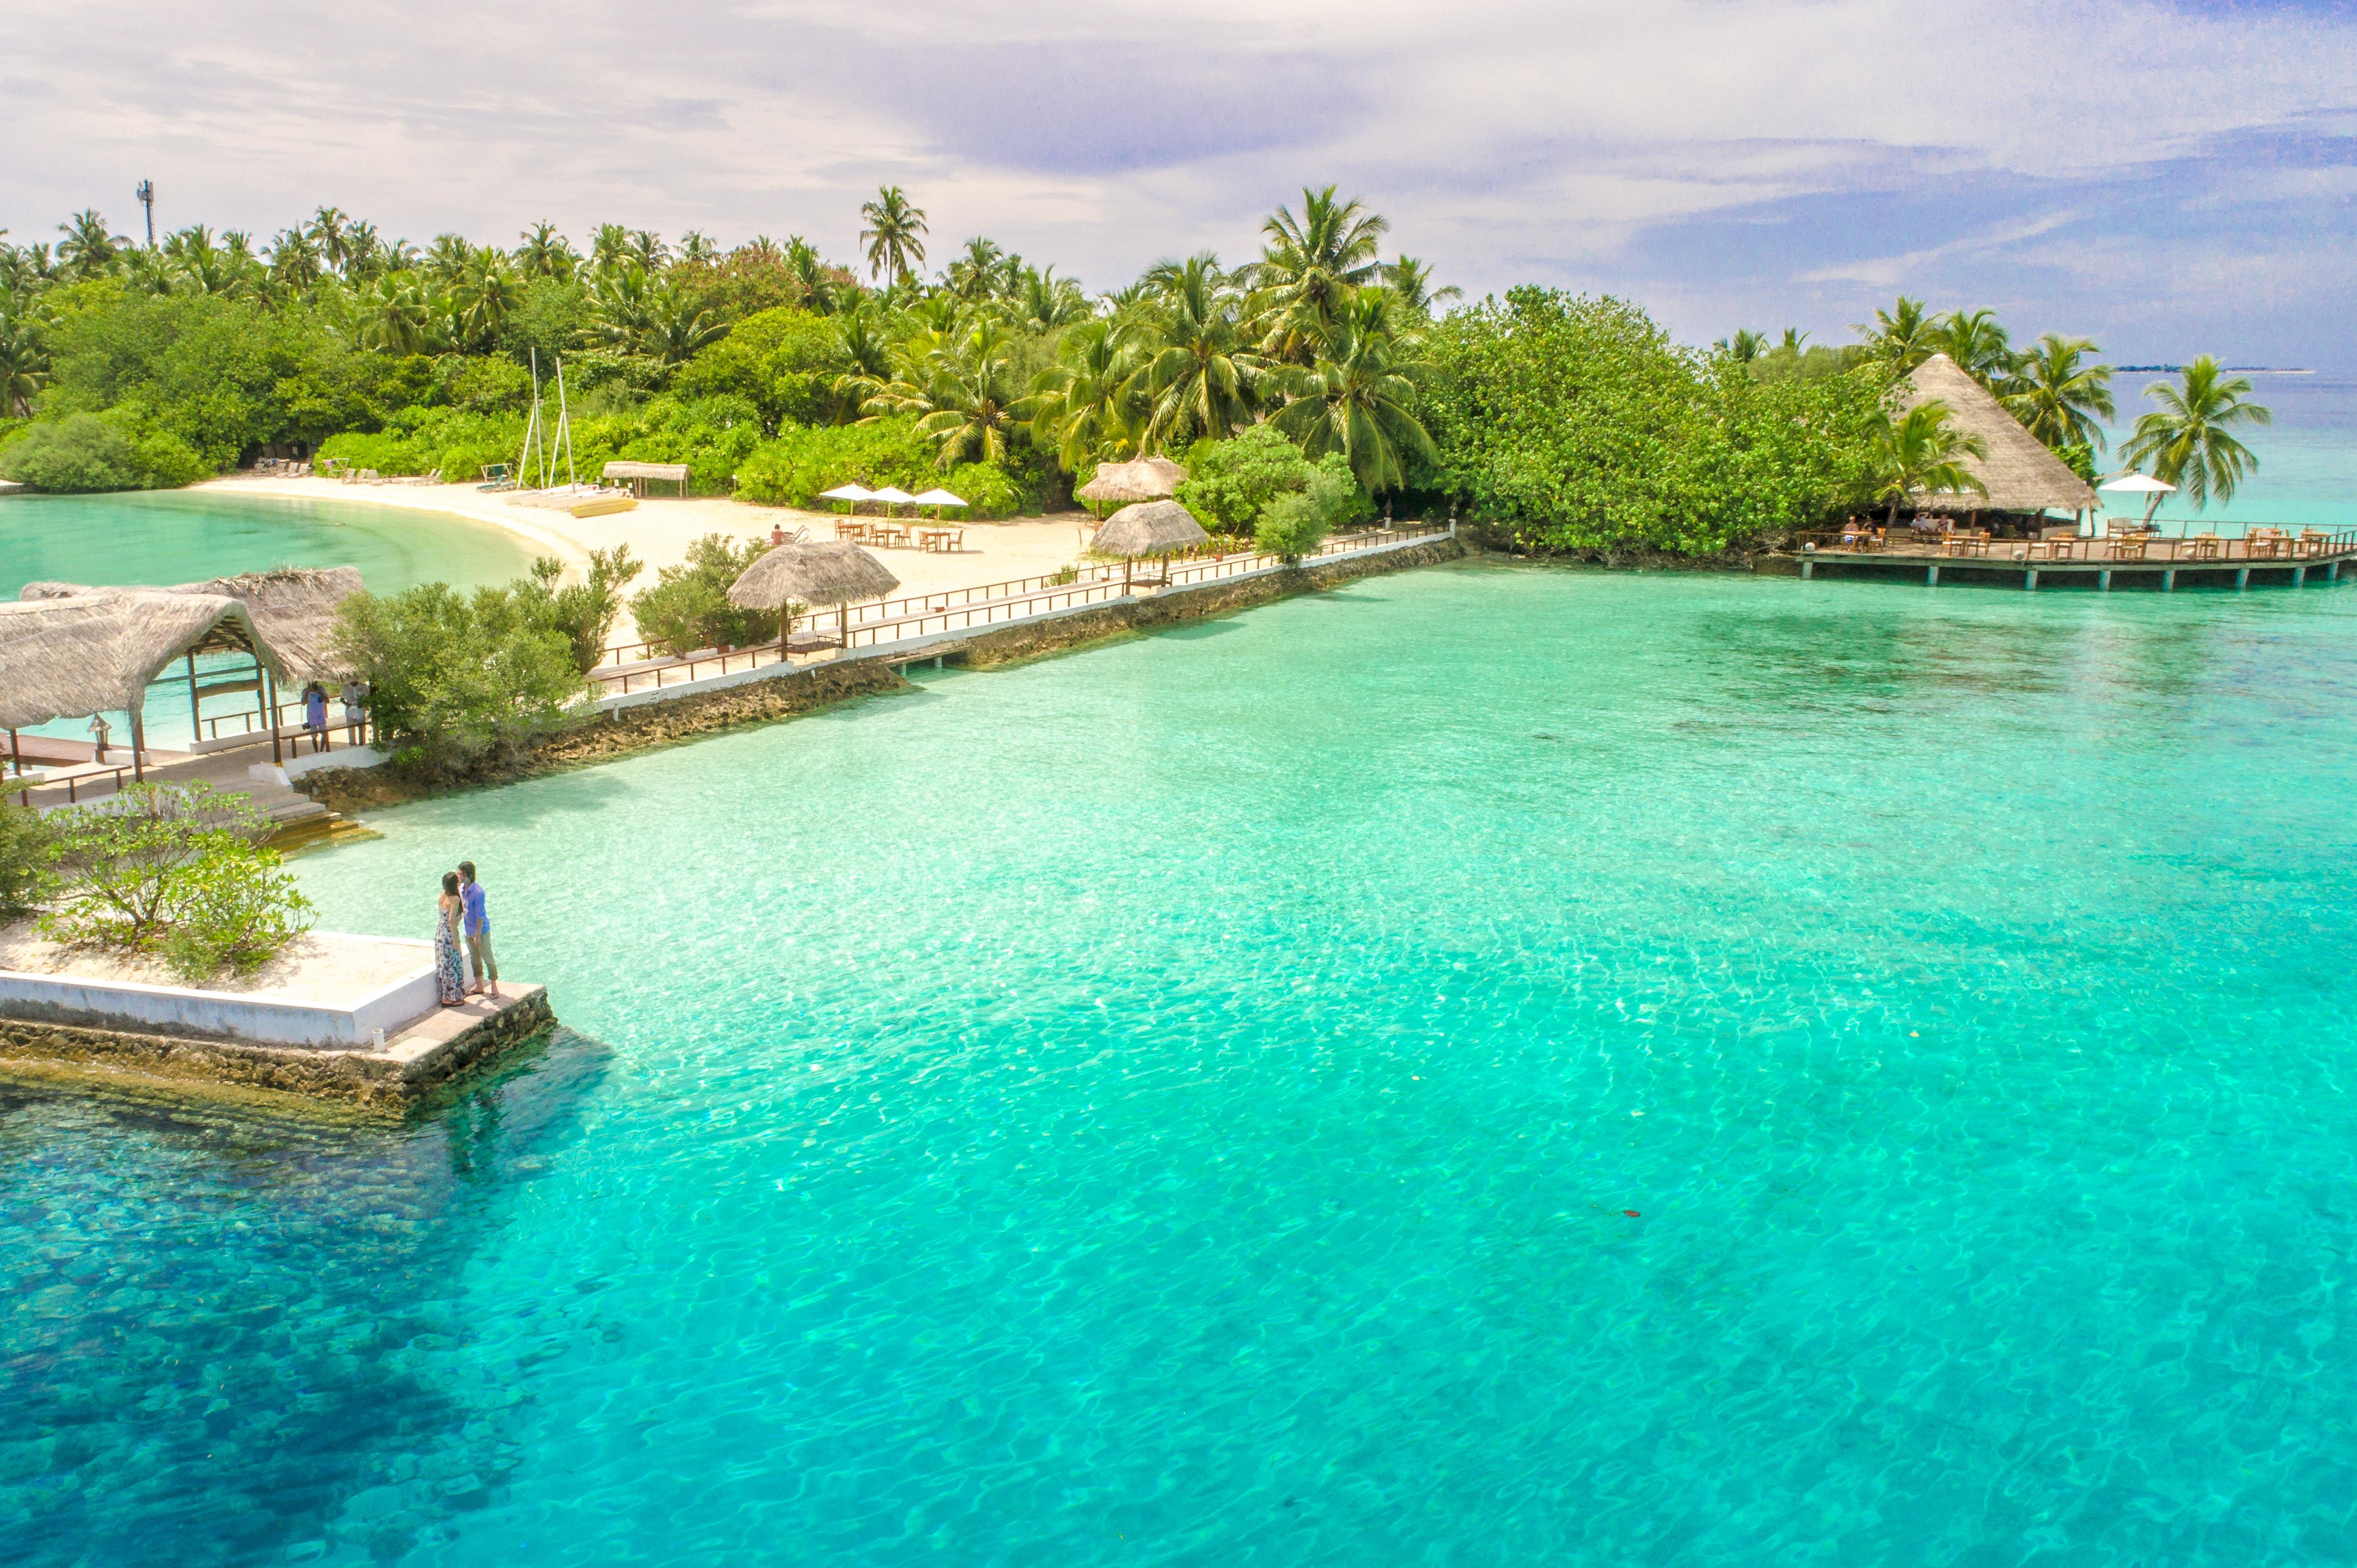 коже естественные бассейны карибского моря фото это его преимущество